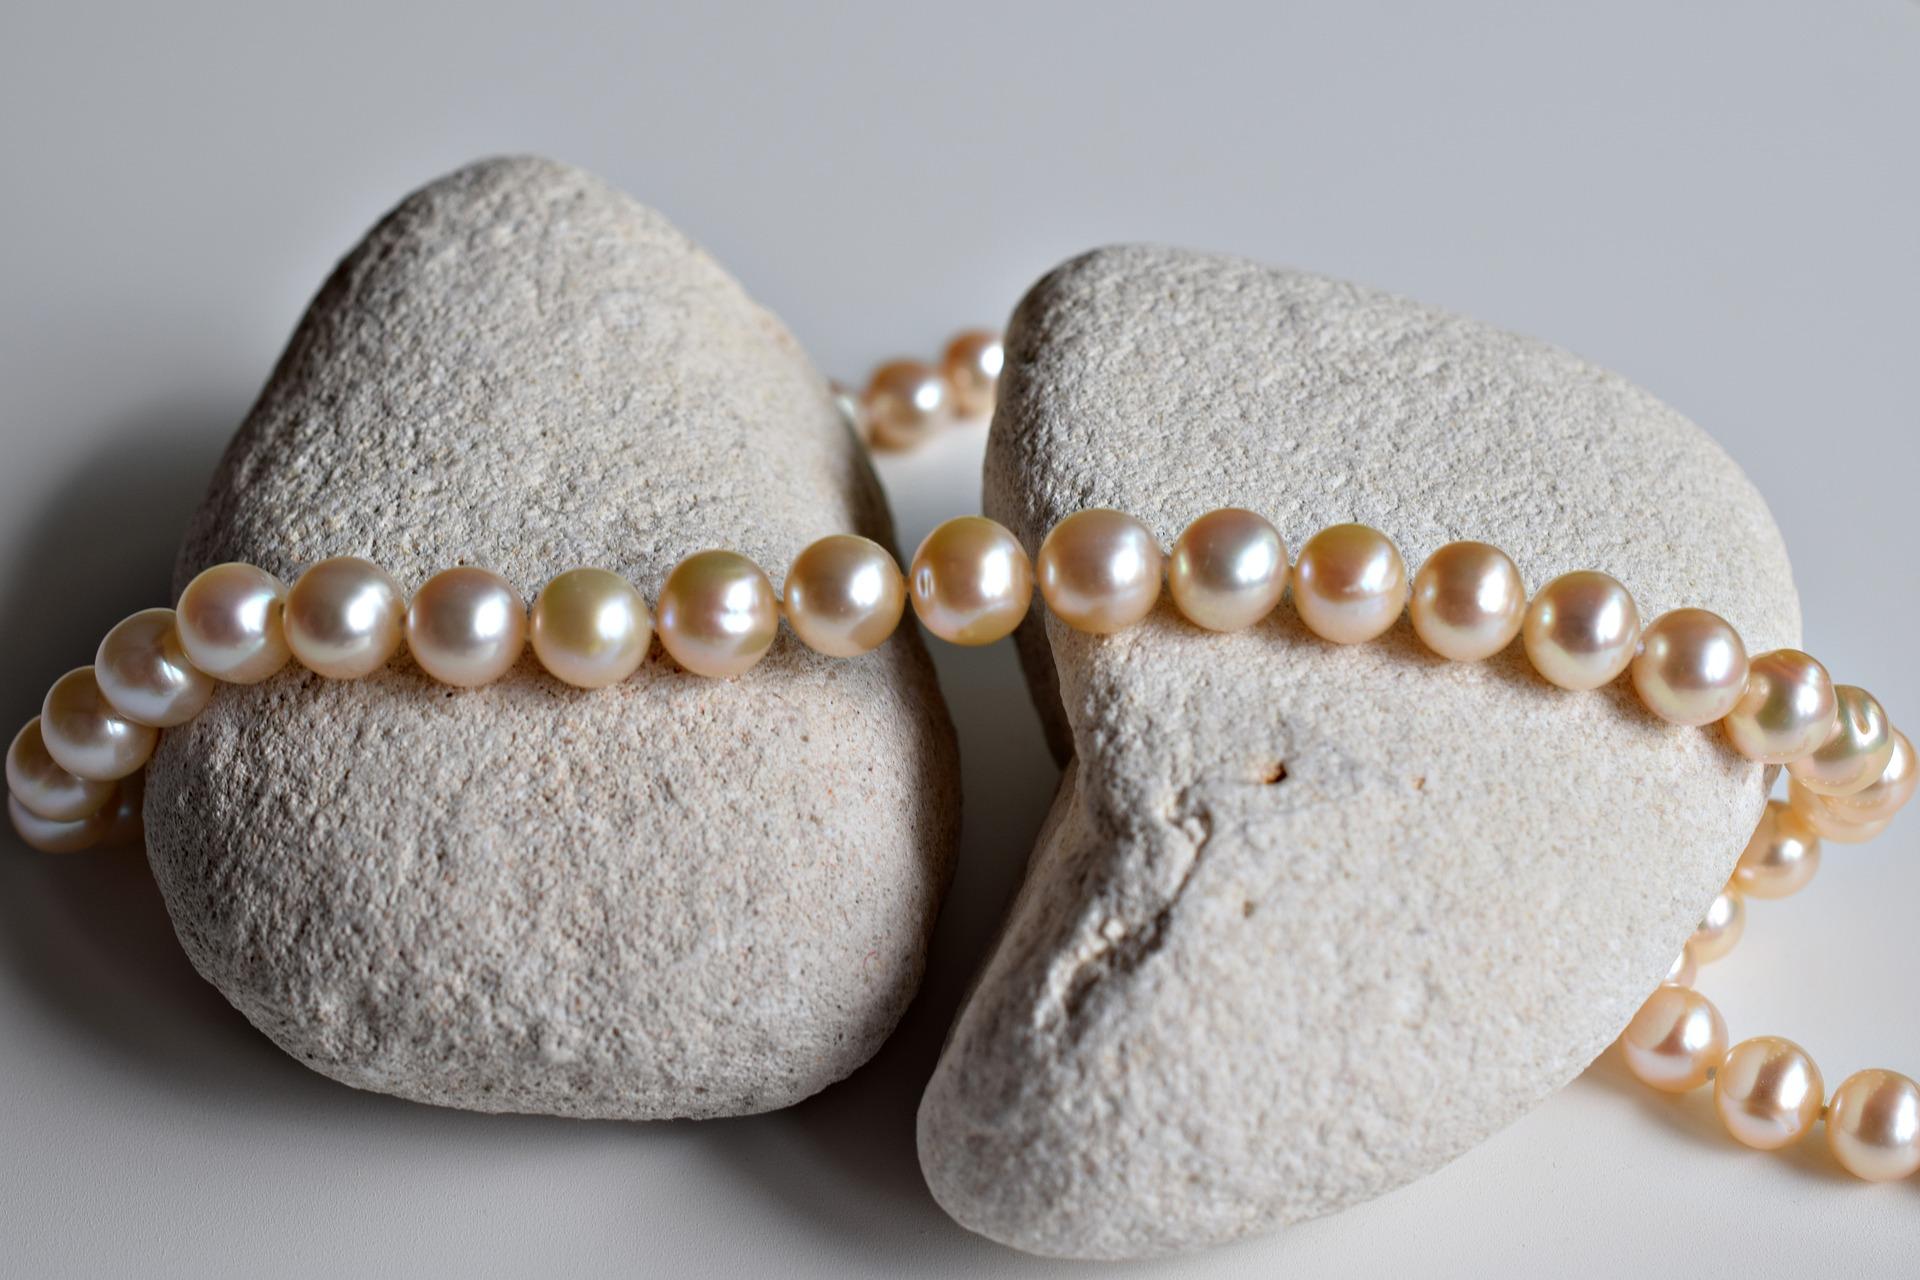 Jak wyglądają perły?